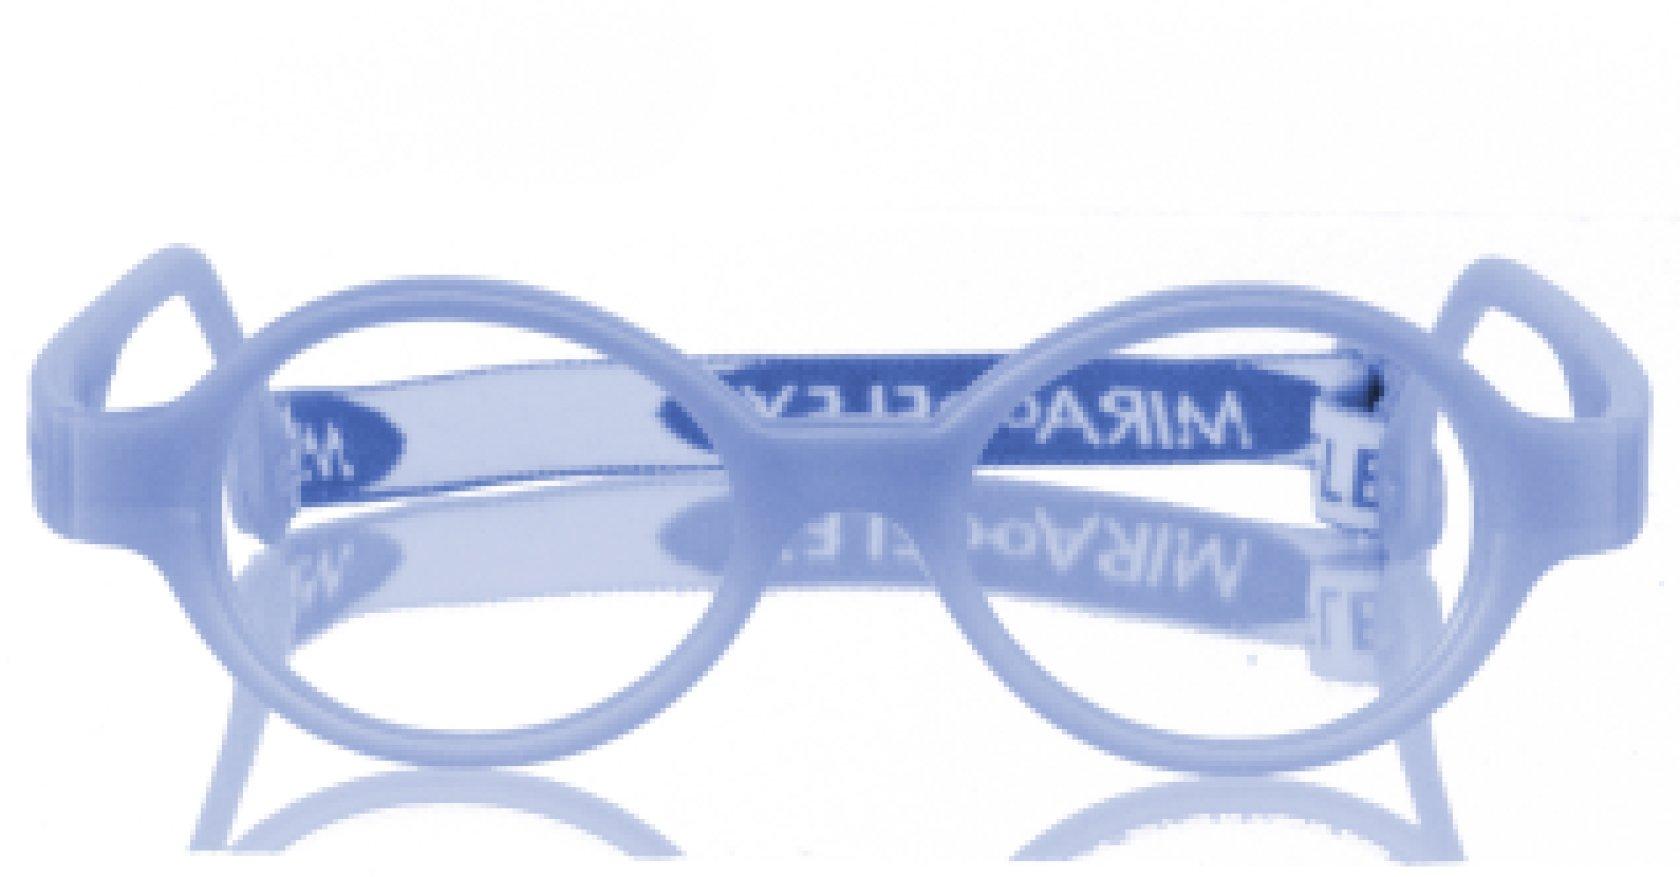 imagen miniatura frontal de la referencia 1002501